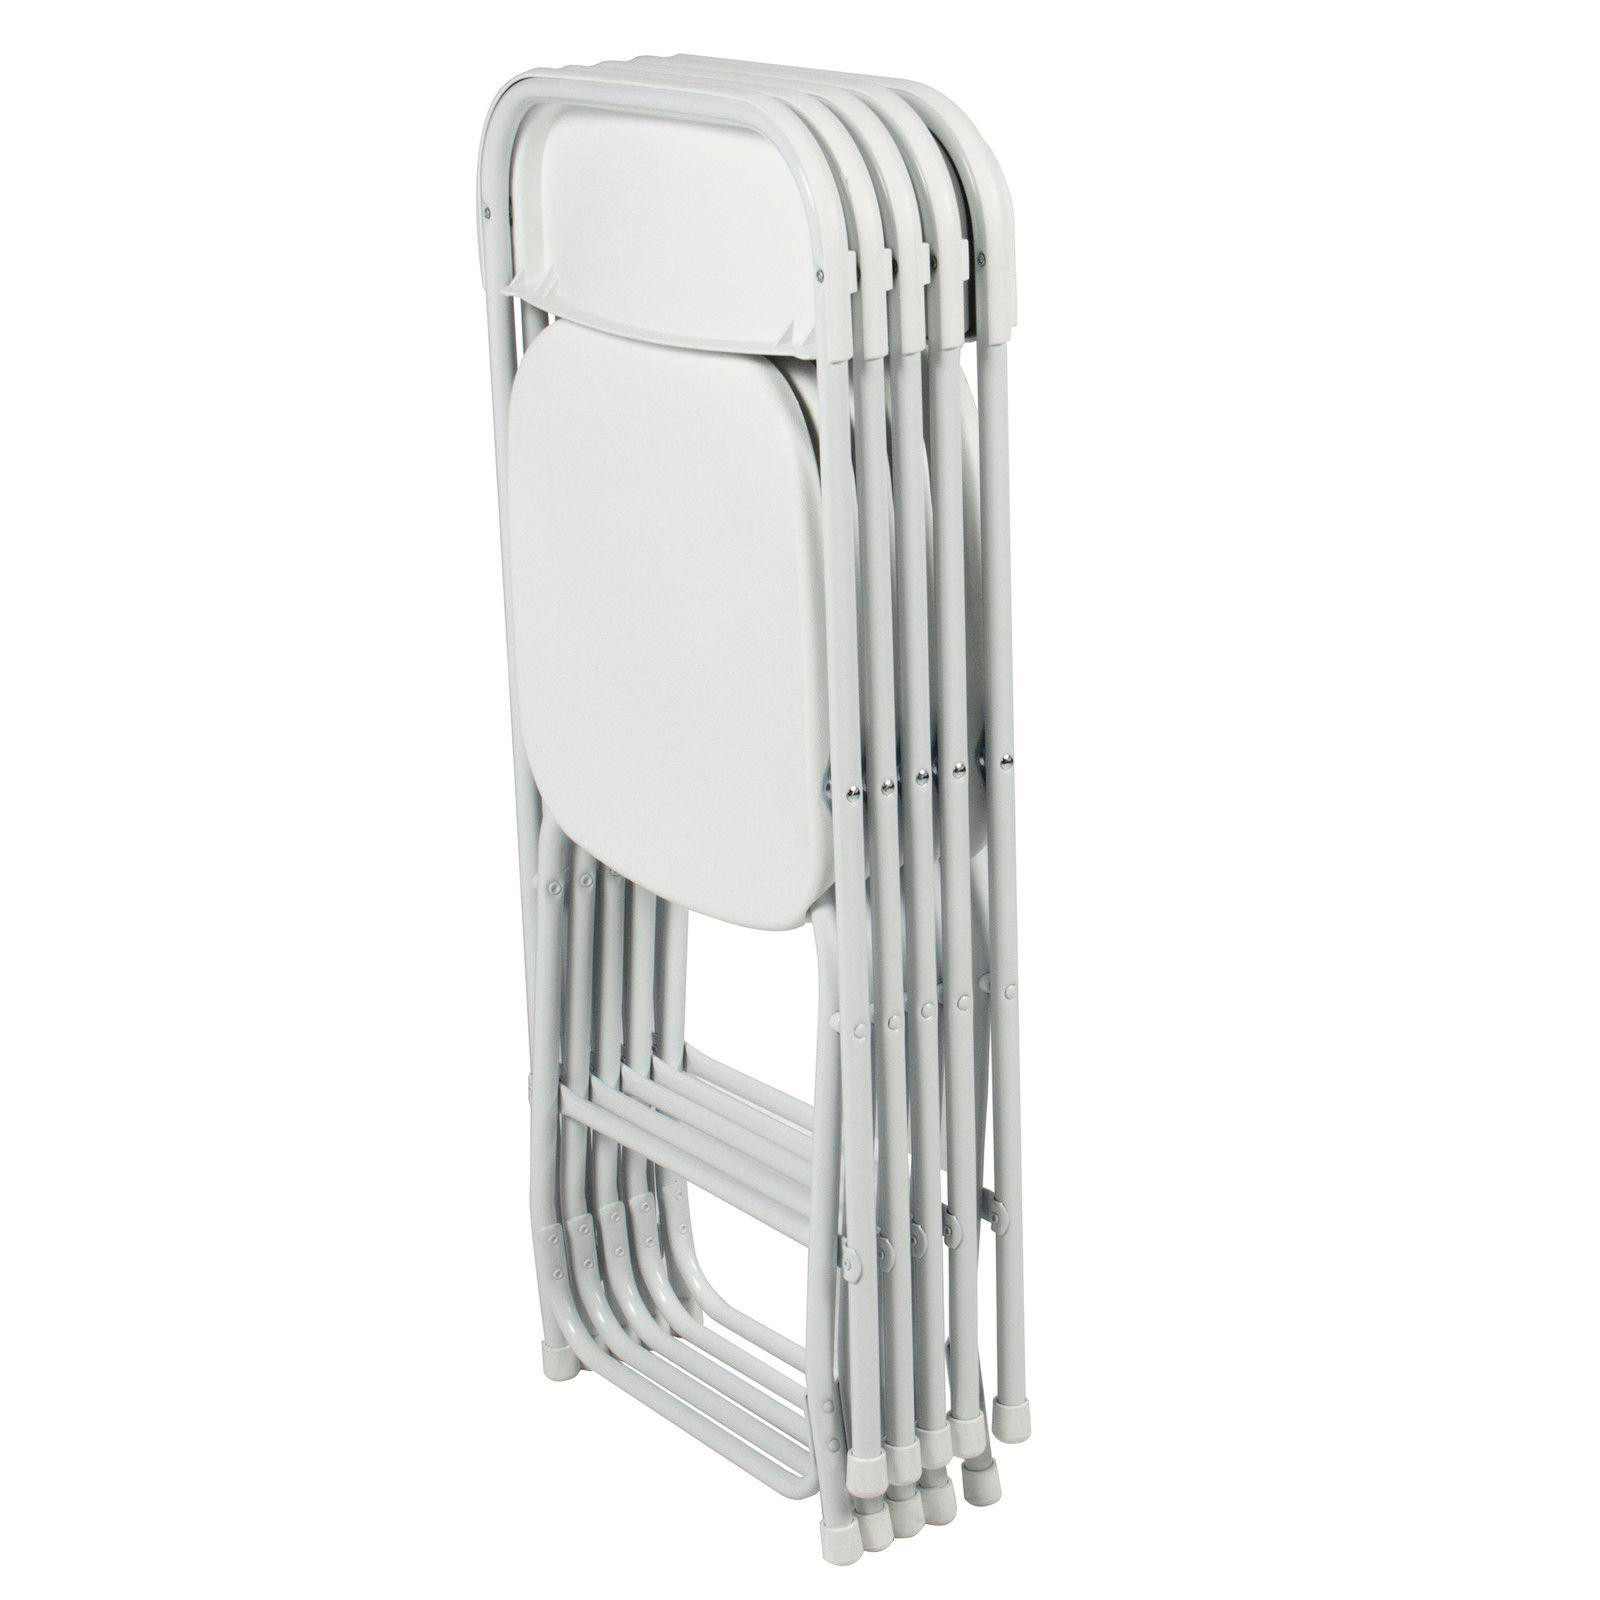 Стул складной для дома, конференций, пикника CarryOn Etna белый (4 штуки)